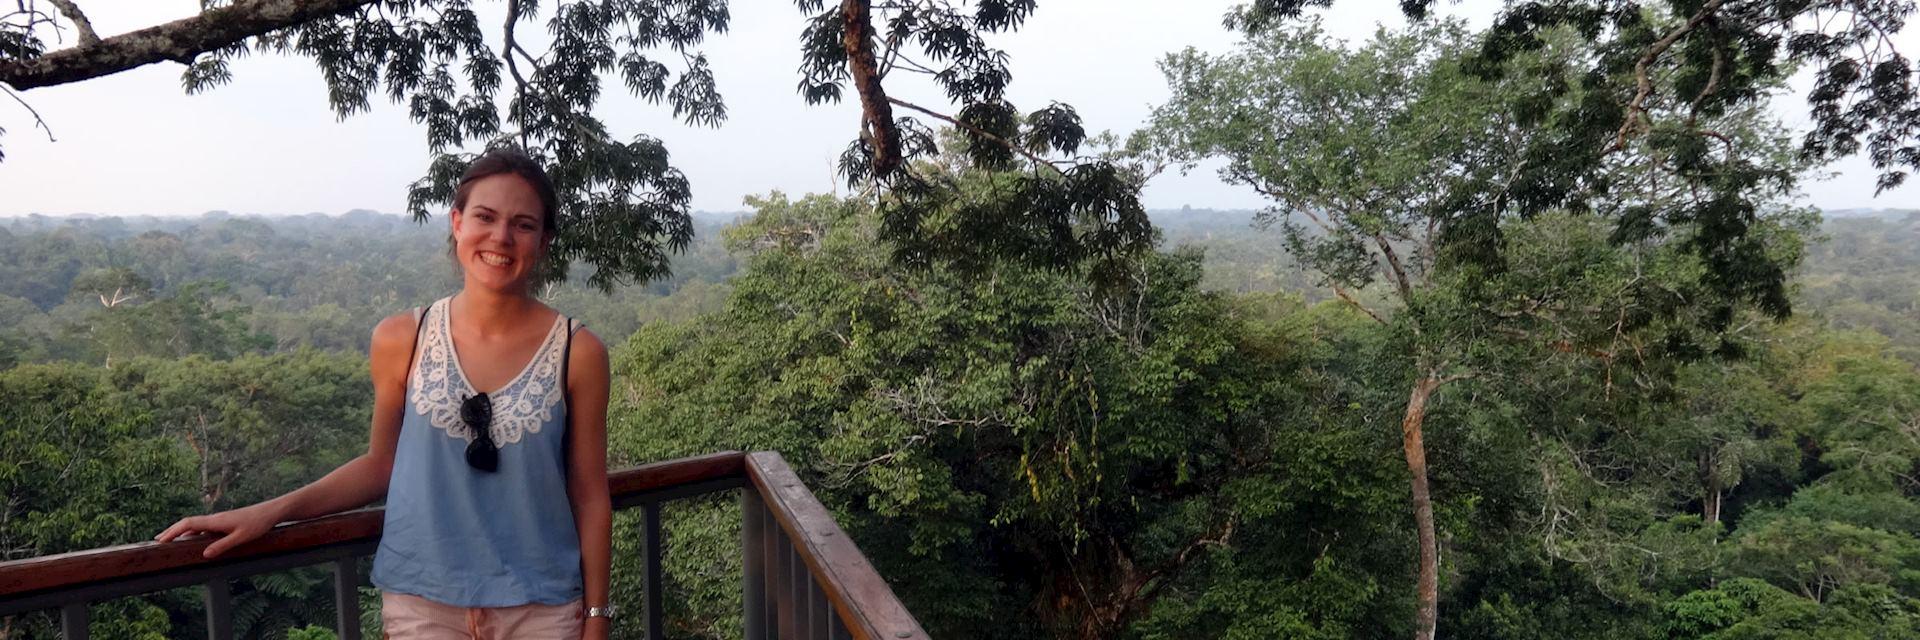 Carolina at Canopy Tower at Sacha Lodge, Ecuador